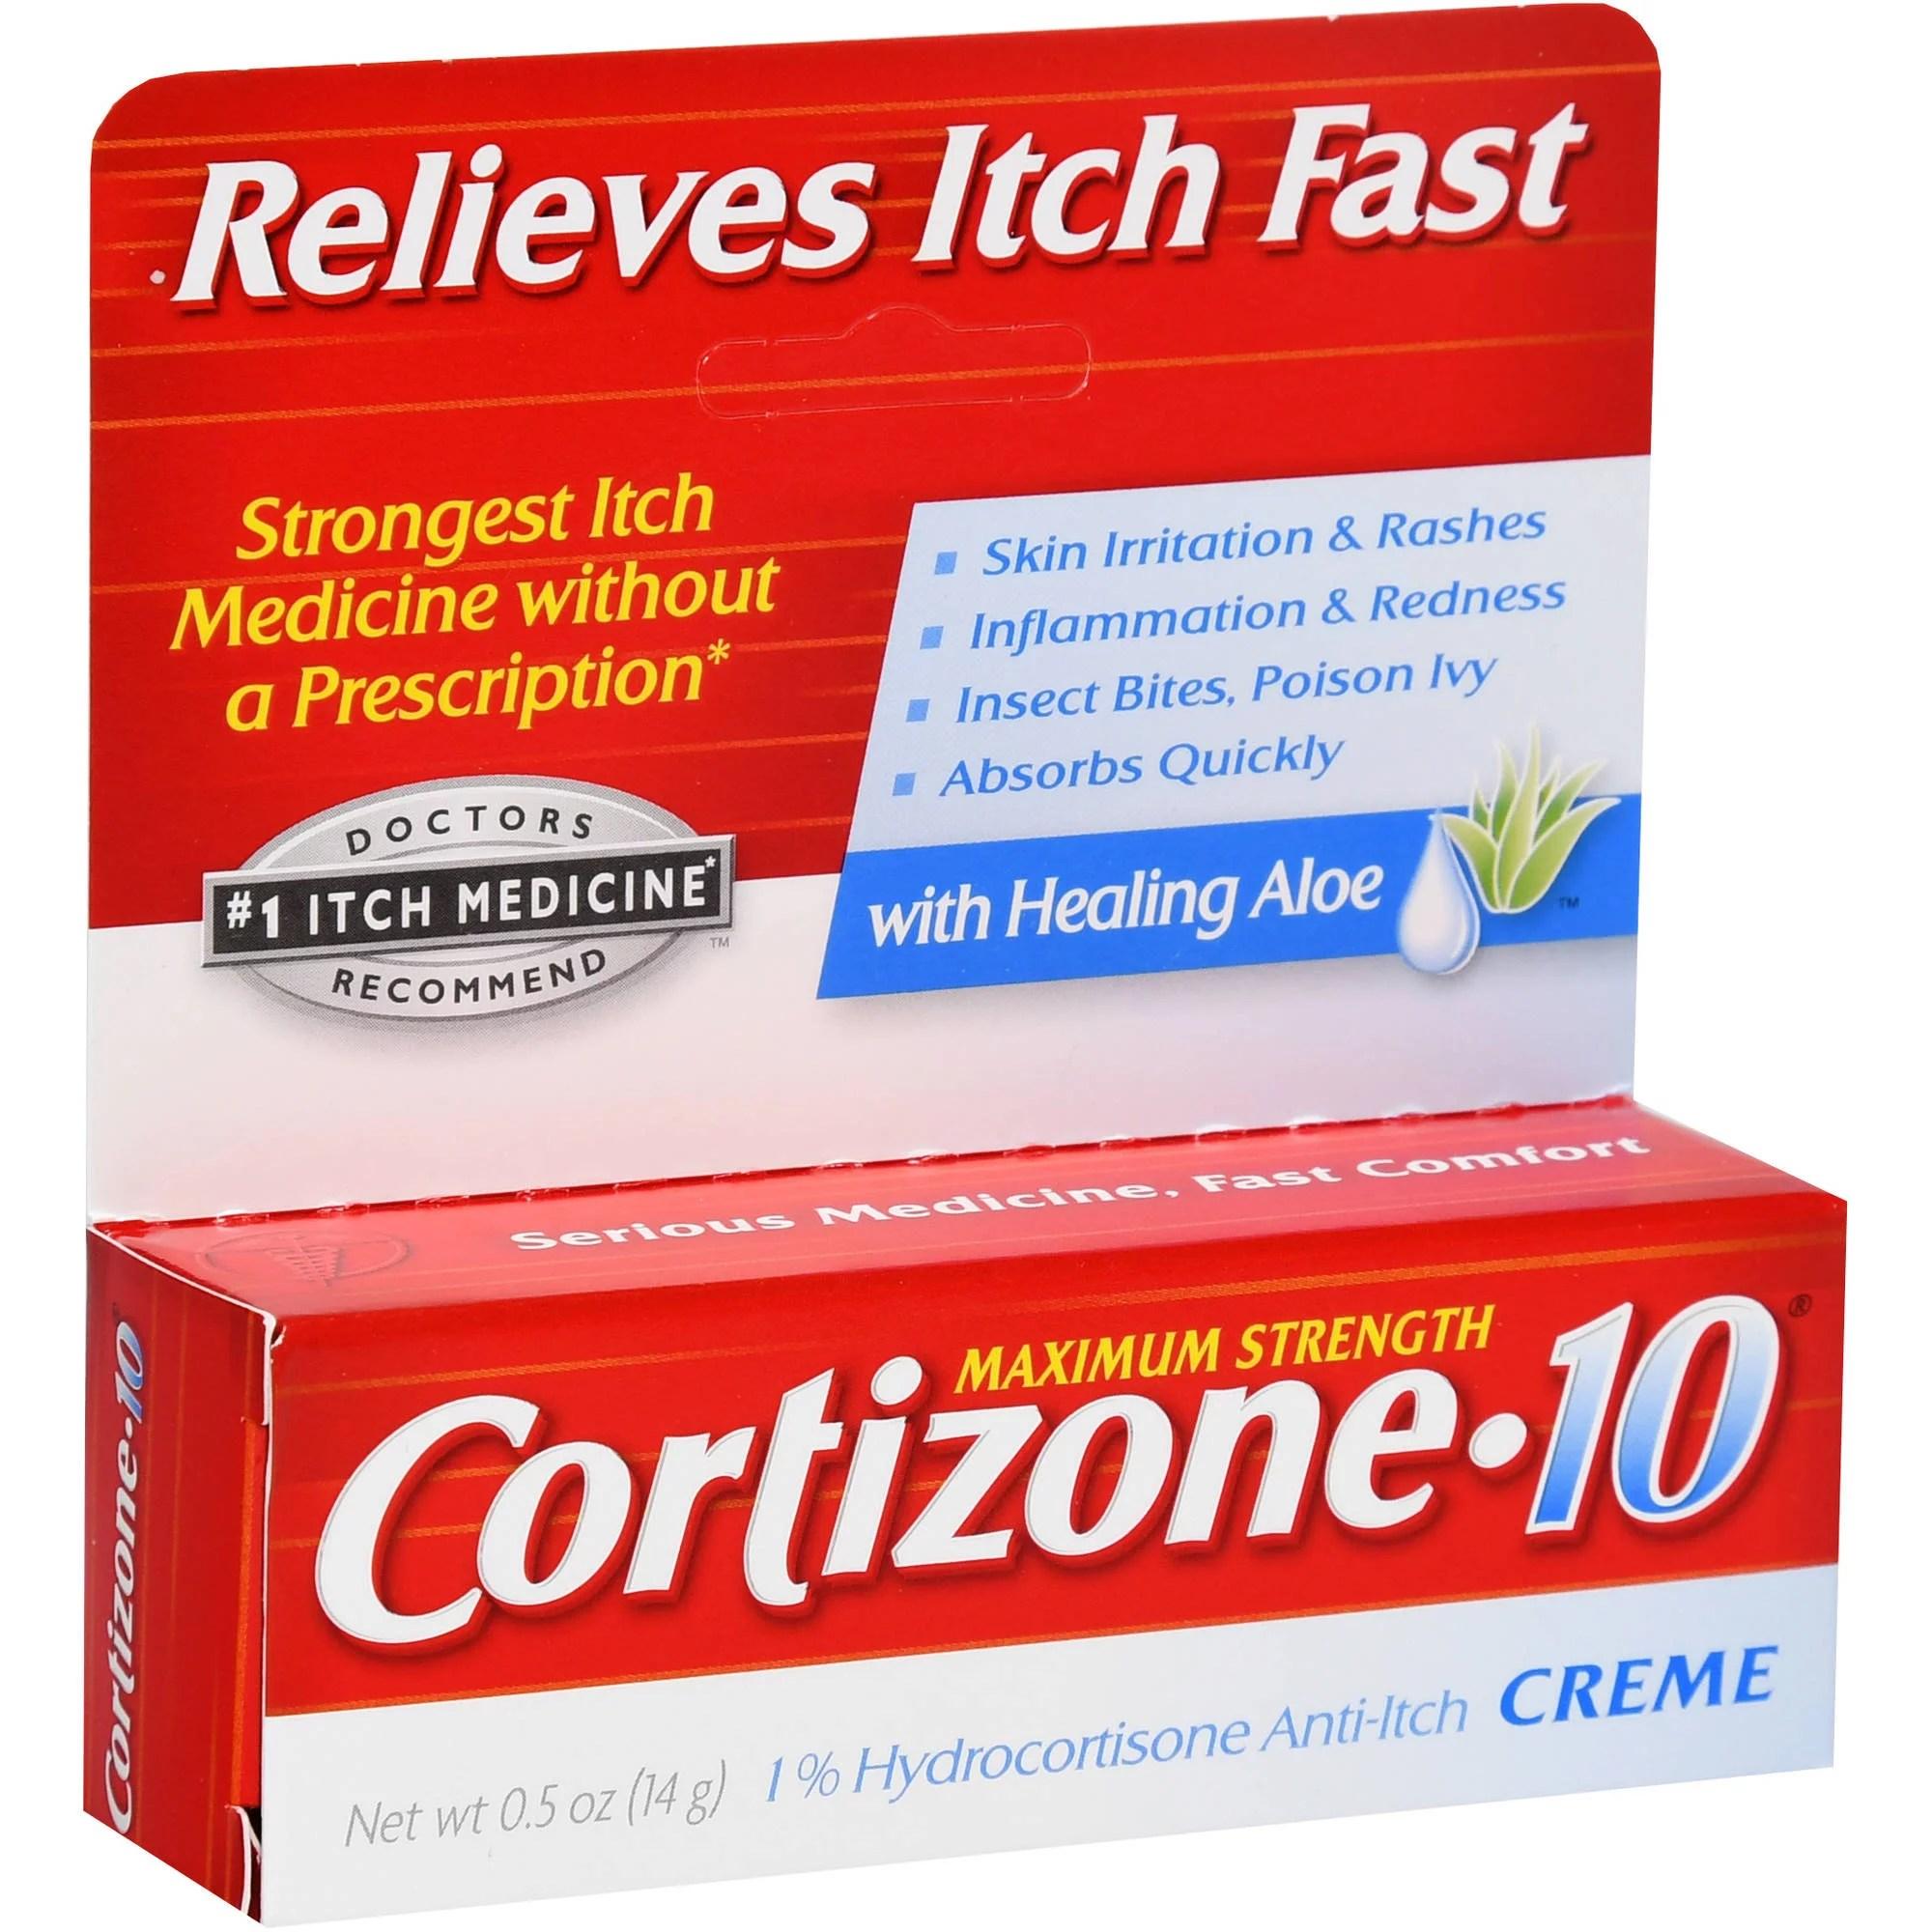 Cortizone-10 Cream .5 oz - Walmart.com